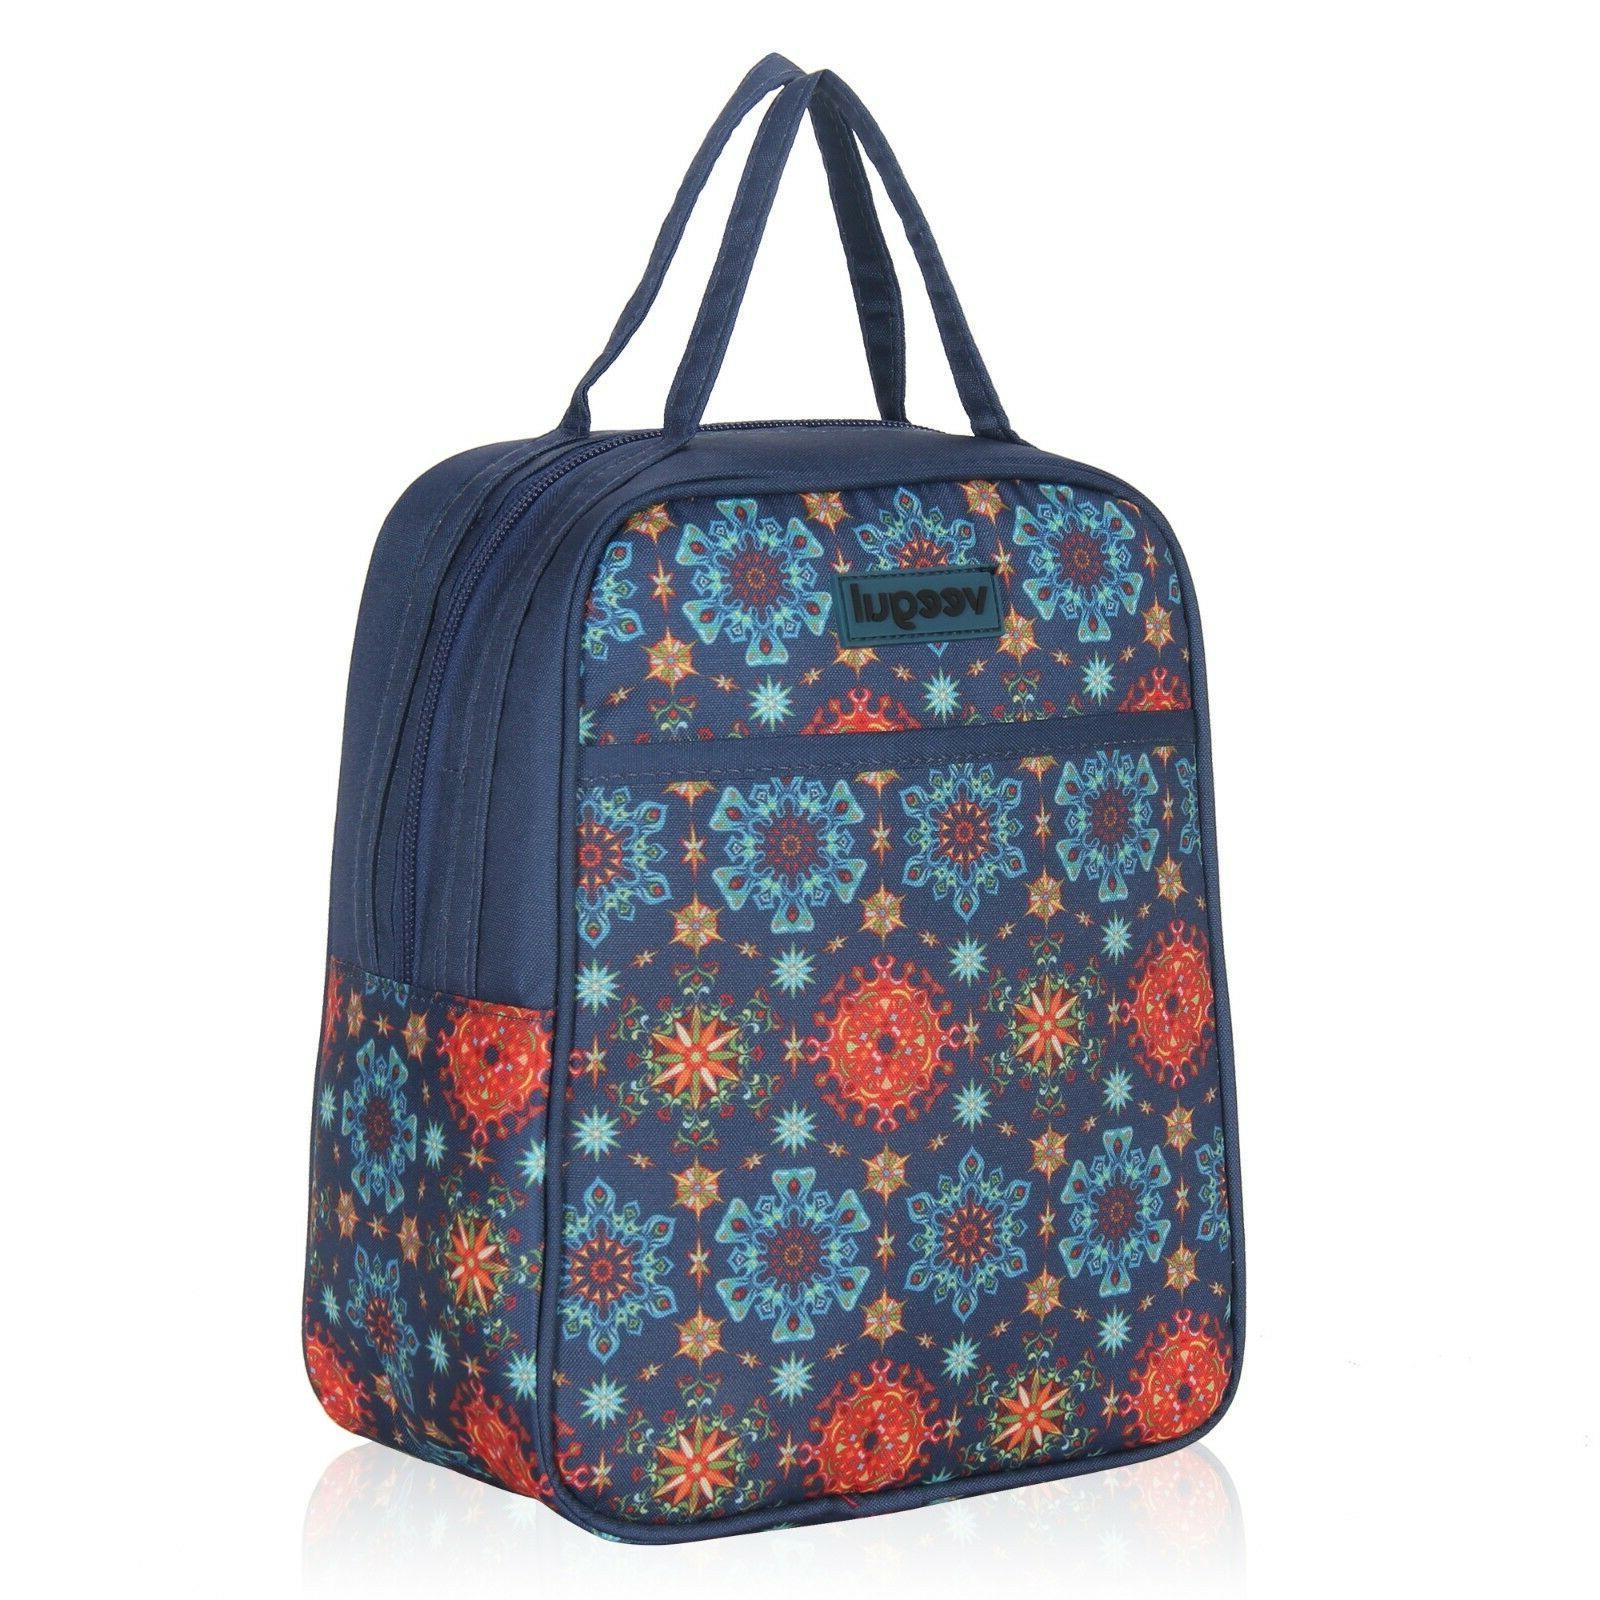 Bag for Men Tote Bag